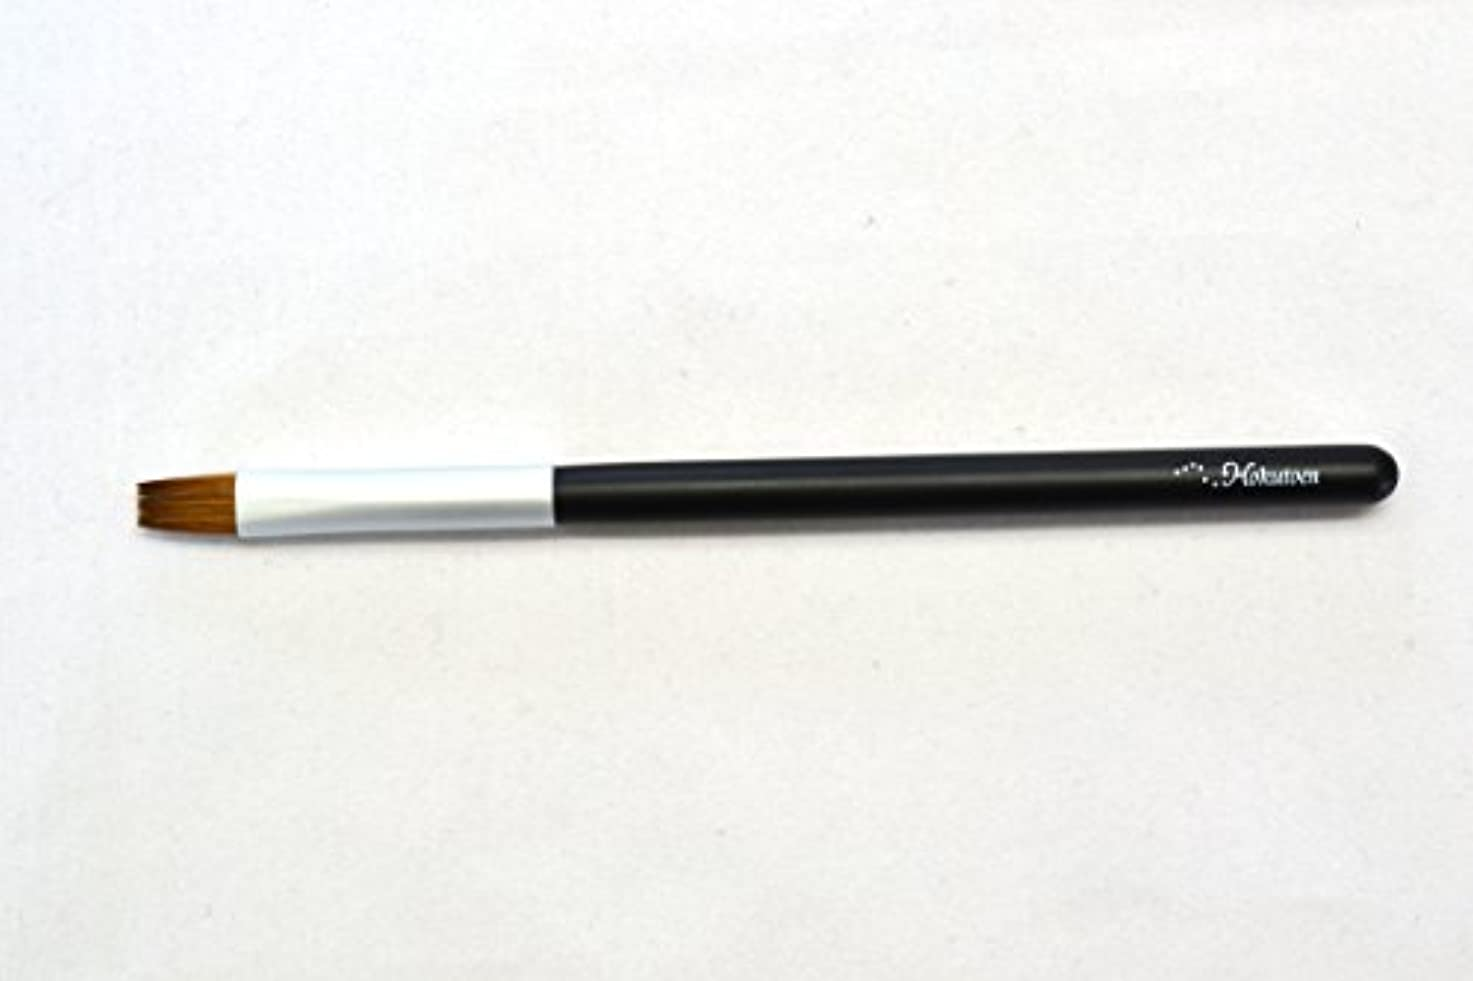 ファイタークリーナーさせる熊野筆 北斗園 Kシリーズ リップブラシ(黒銀)